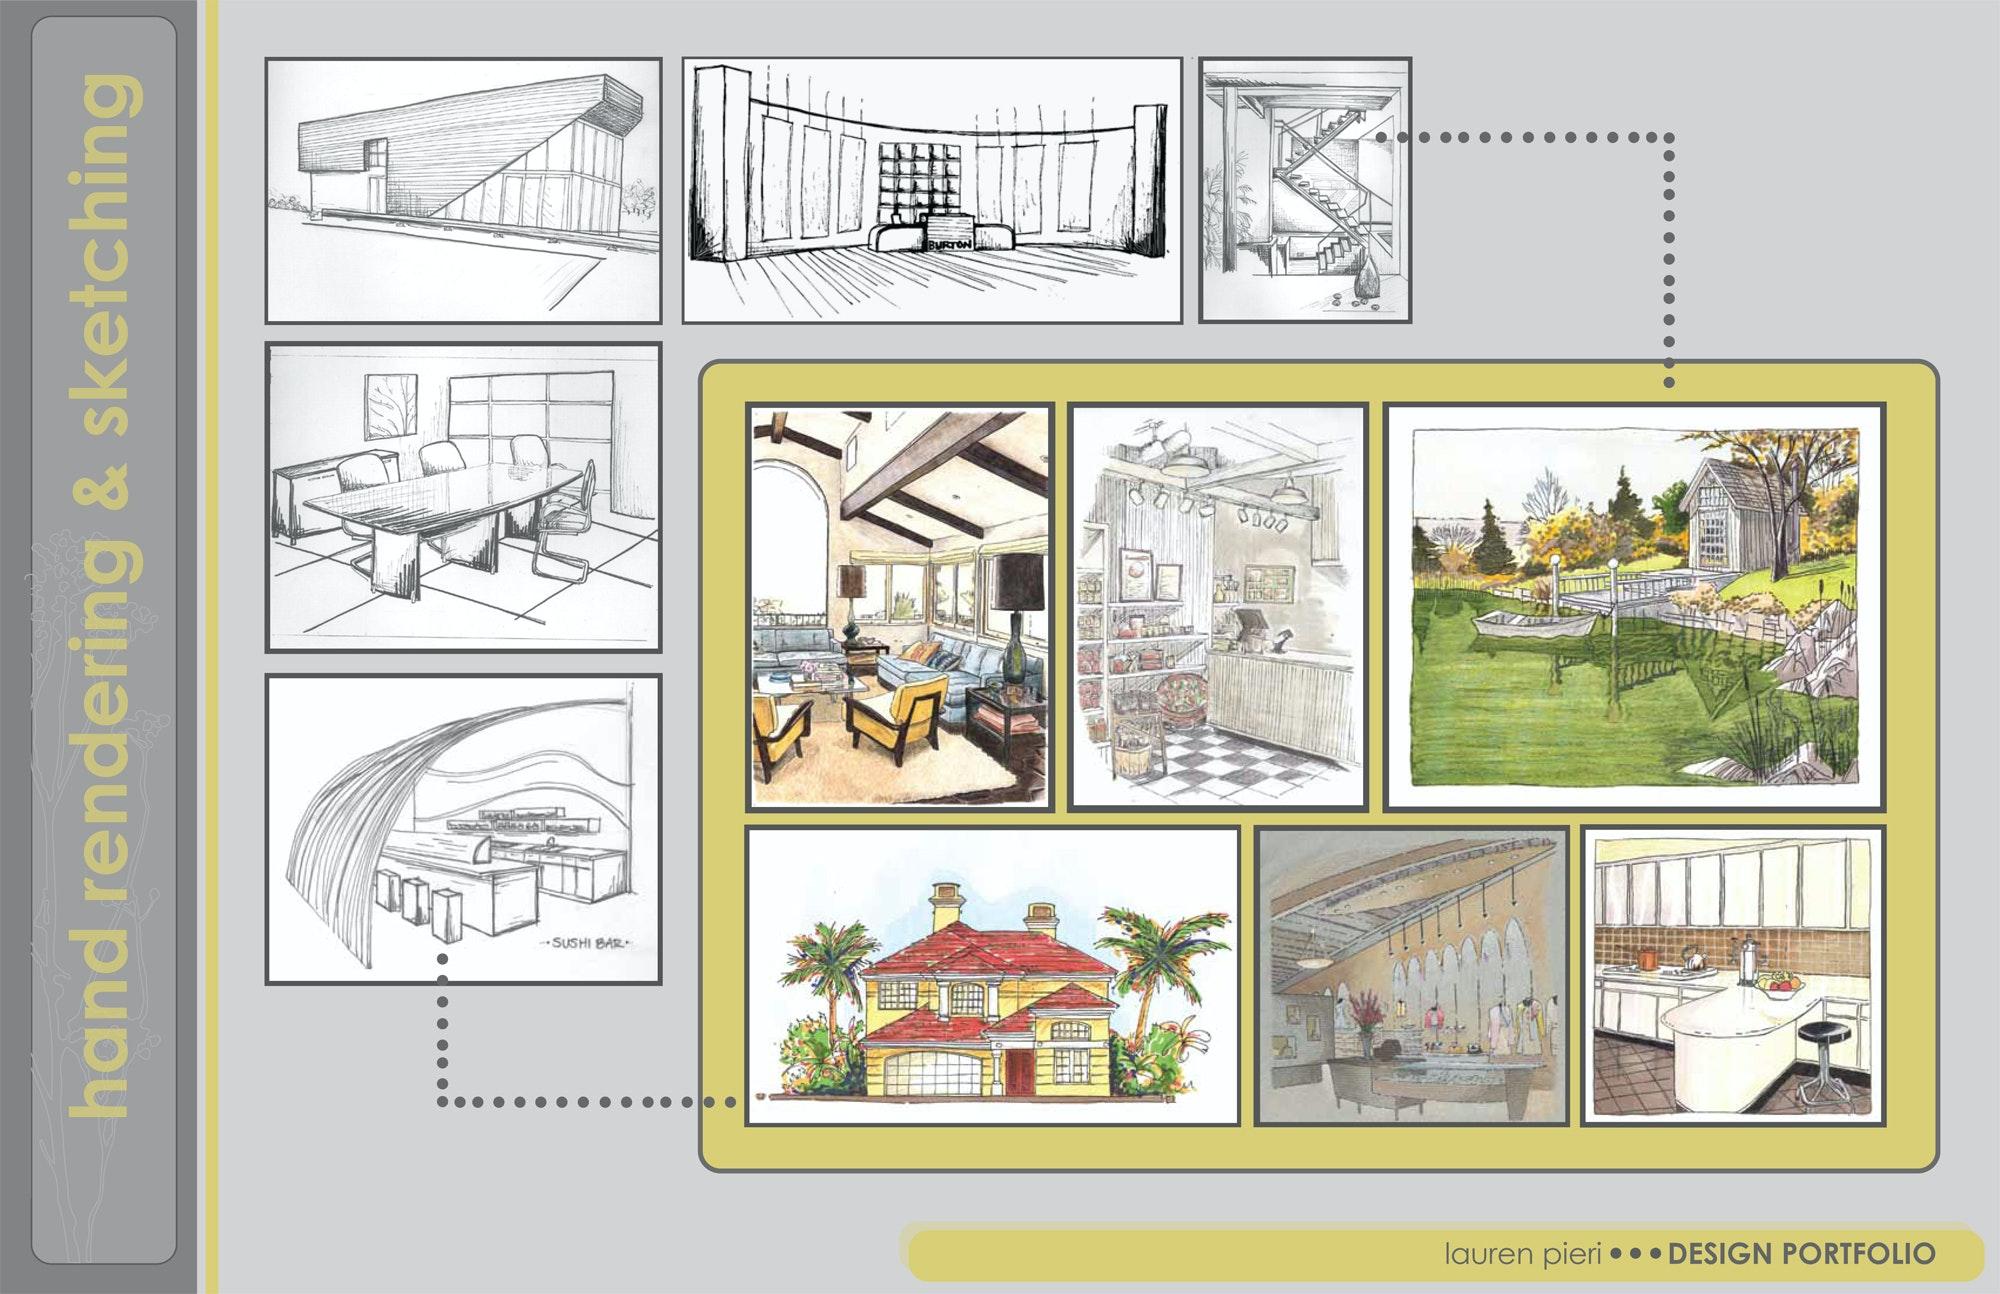 purdue interior design portfolio